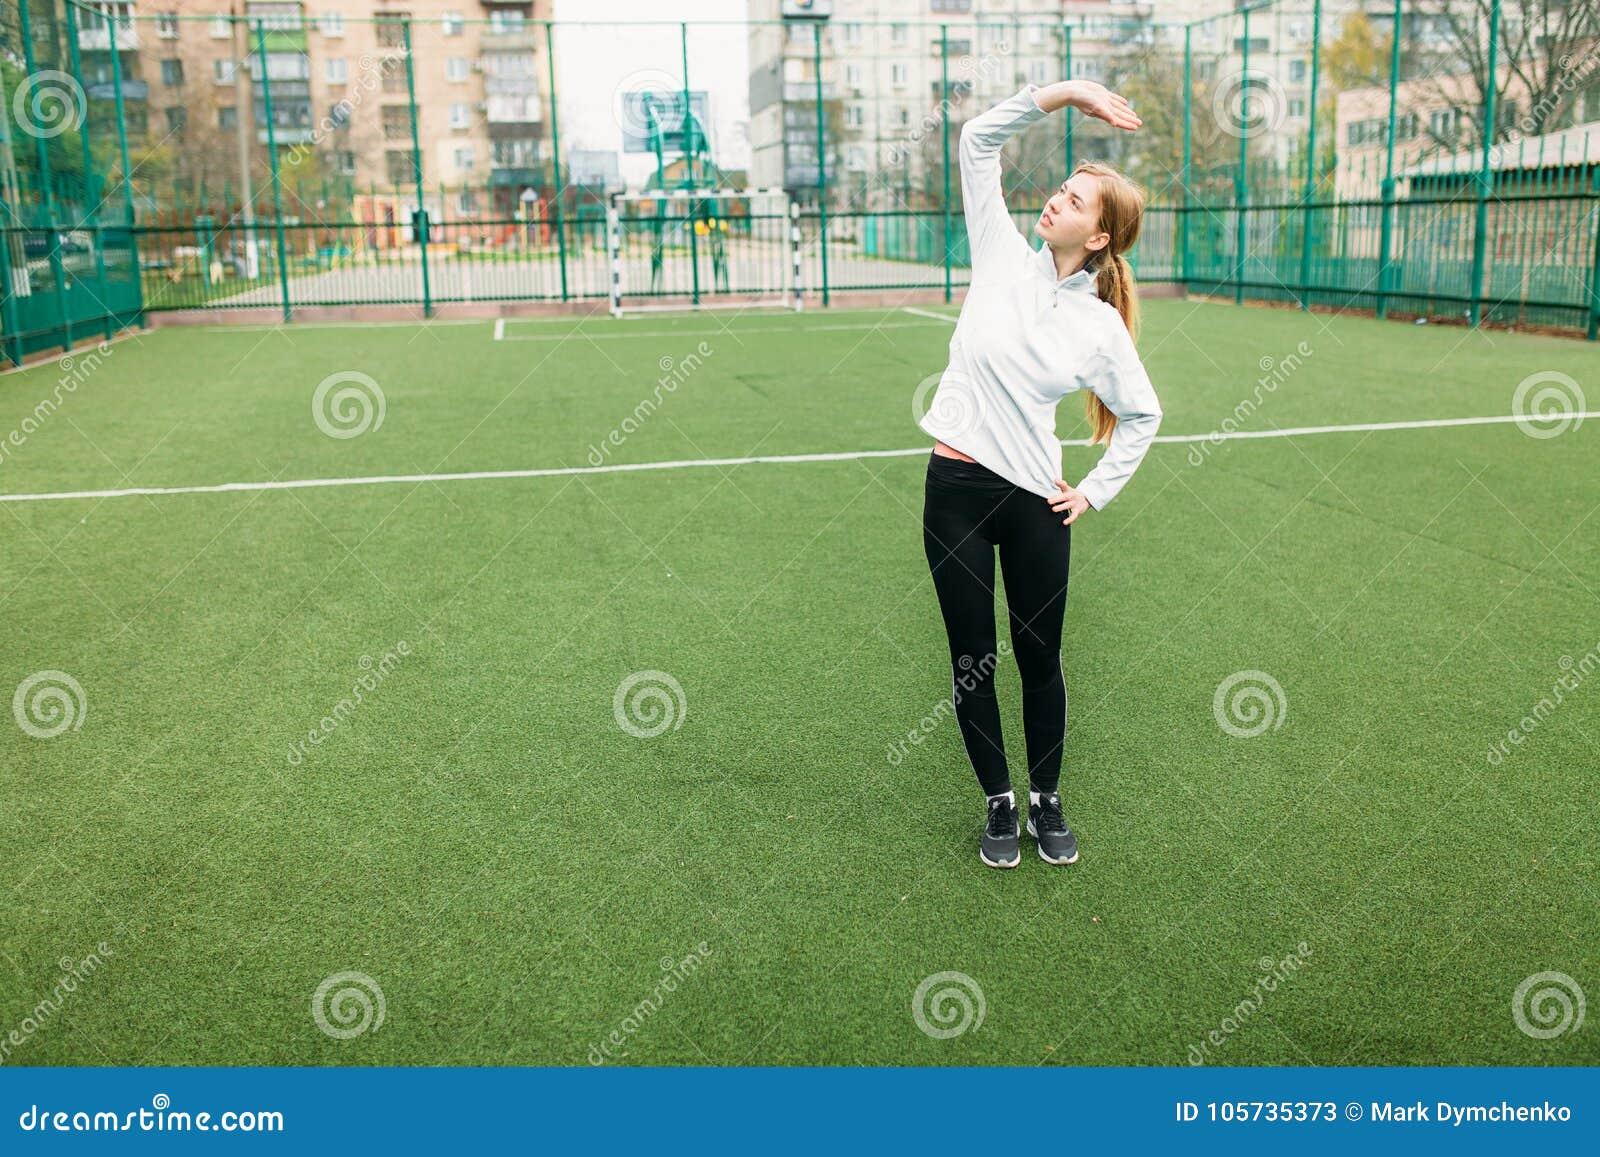 Mädchen nach der Ausbildung, dem Laufen oder Sport ein Rest im Vordergrund, eine Flasche Wasser Das Mädchen arbeitet in der offen